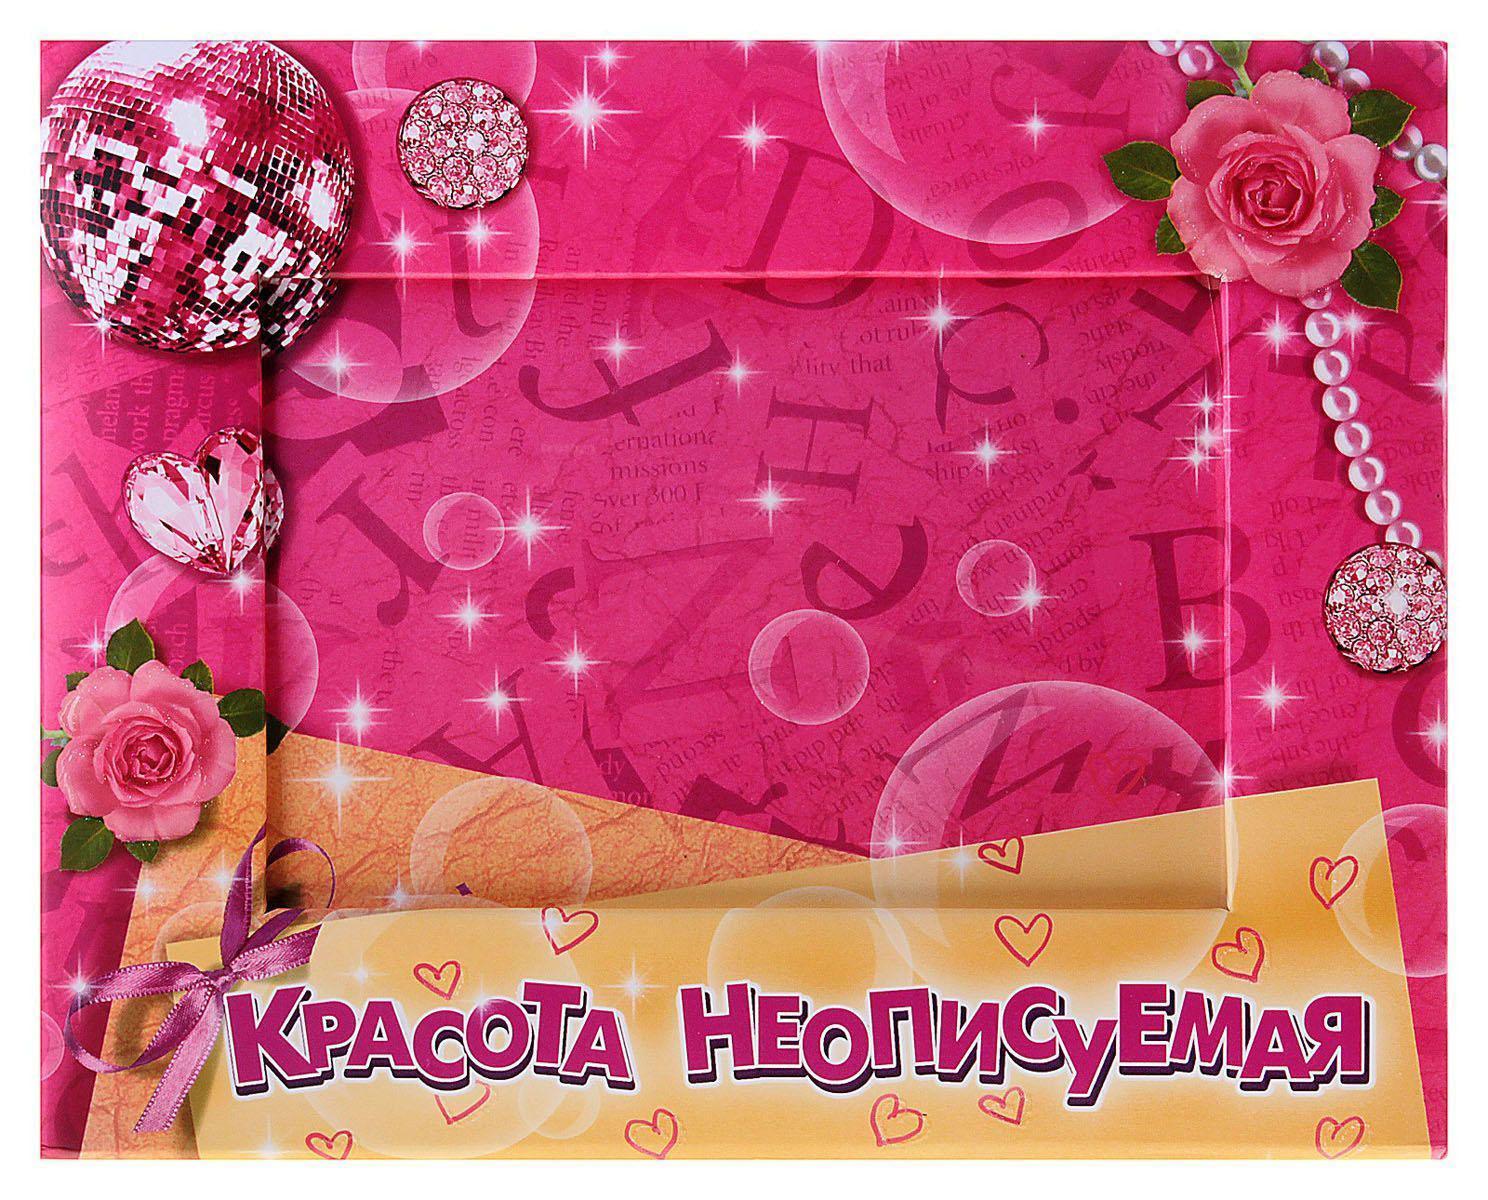 Фоторамка Sima-land Красота неописуемая, 9,5 см х 14,5 см. 662805662805Декоративная фоторамка Sima-land Красота неописуемая выполнена из картона и декорирована изображением диско шара, цветов, мыльных пузырей и сердец. Обратная сторона рамки оснащена специальной ножкой, благодаря которой ее можно поставить на стол или любое другое место в доме или офисе. Такая фоторамка украсит ваш интерьер оригинальным образом, а также позволит сохранить память о дорогих вам людях и интересных событиях вашей жизни. С ней вы сможете не просто внести в интерьер своего дома элемент оригинальности, но и создать атмосферу загадочности и изысканности.